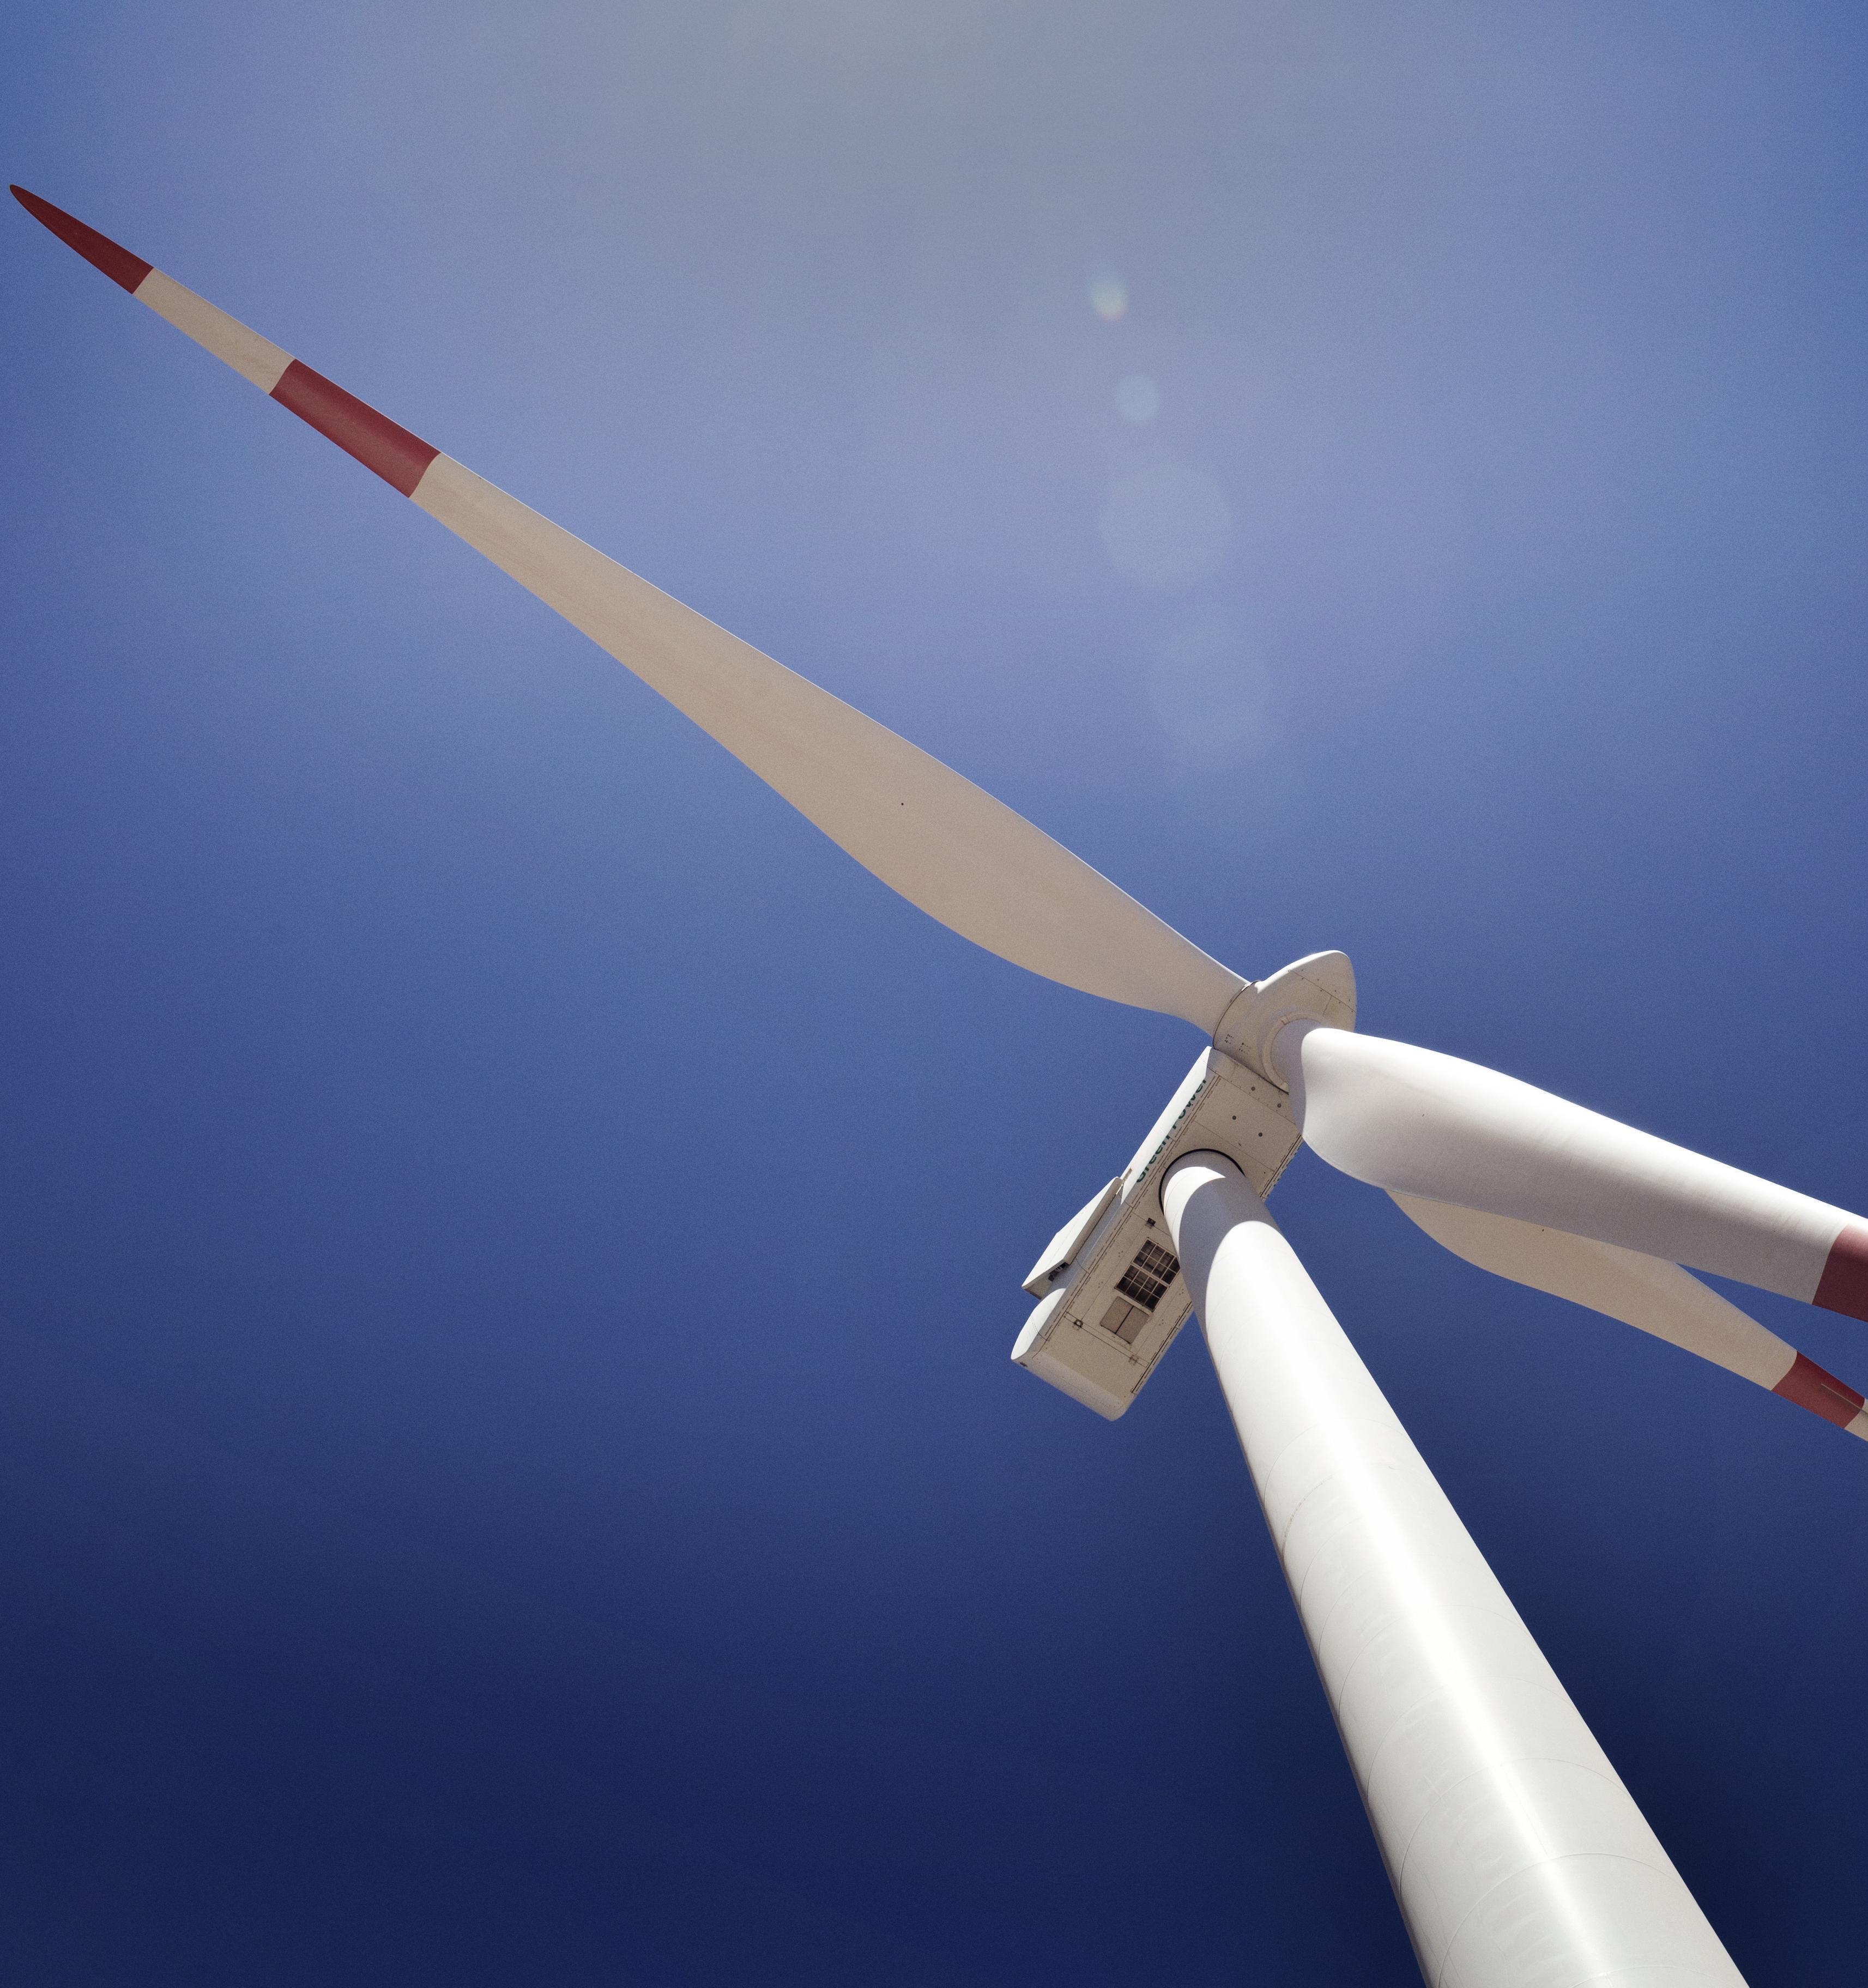 Энергетическое будущее: 5 неизбежных изменений, которые нас ожидают